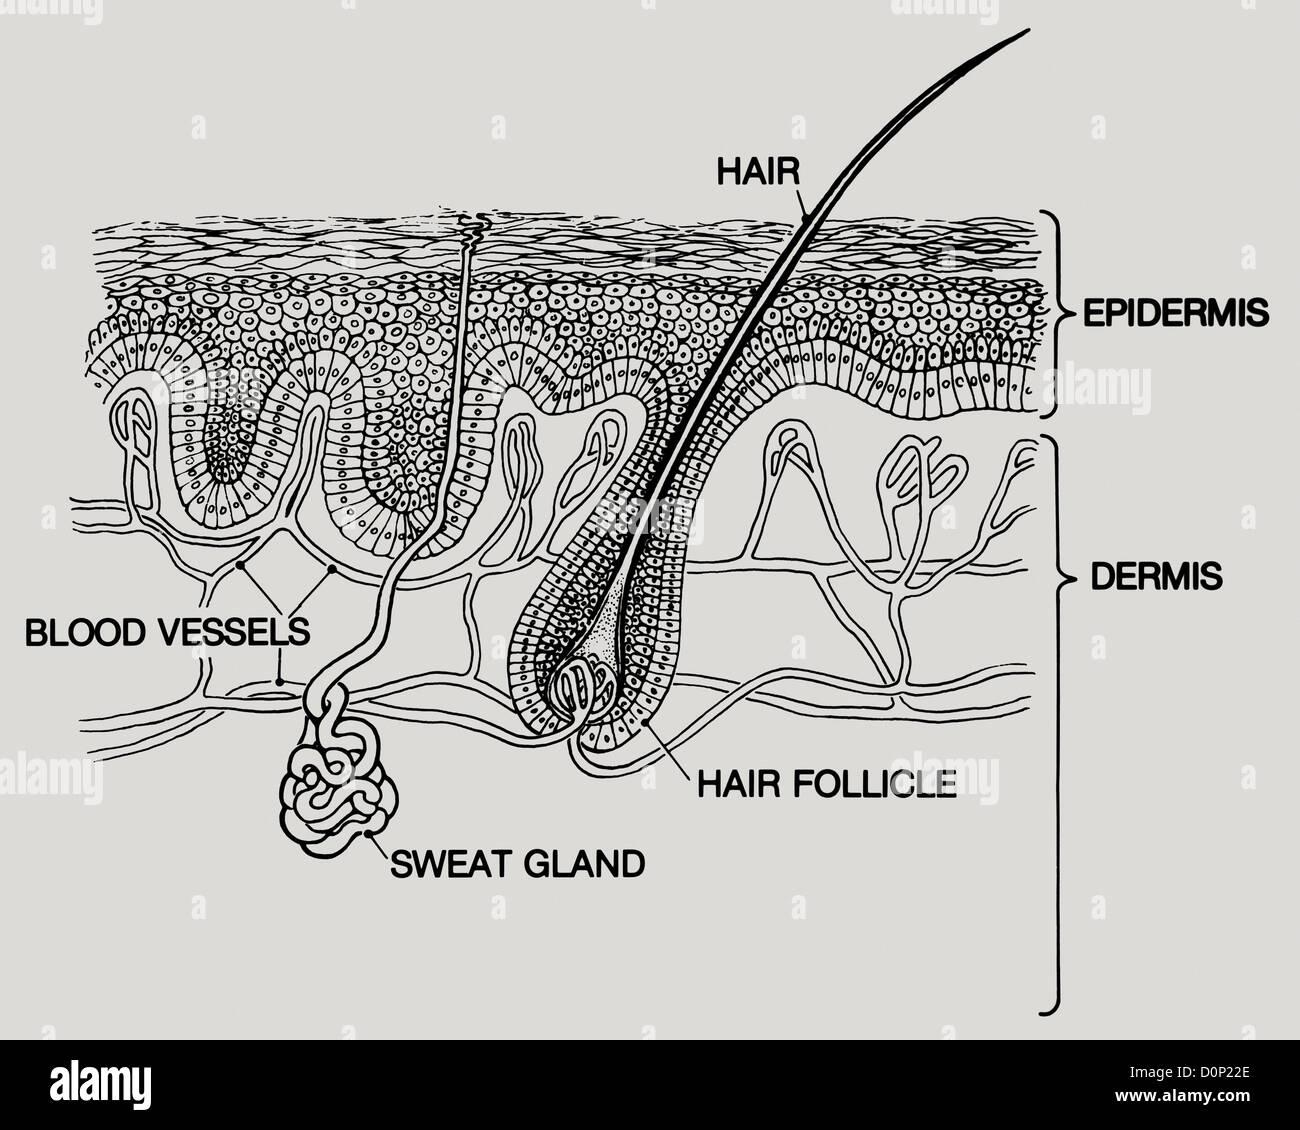 Un diagrama de las capas de la piel humana. dos capas principales ...